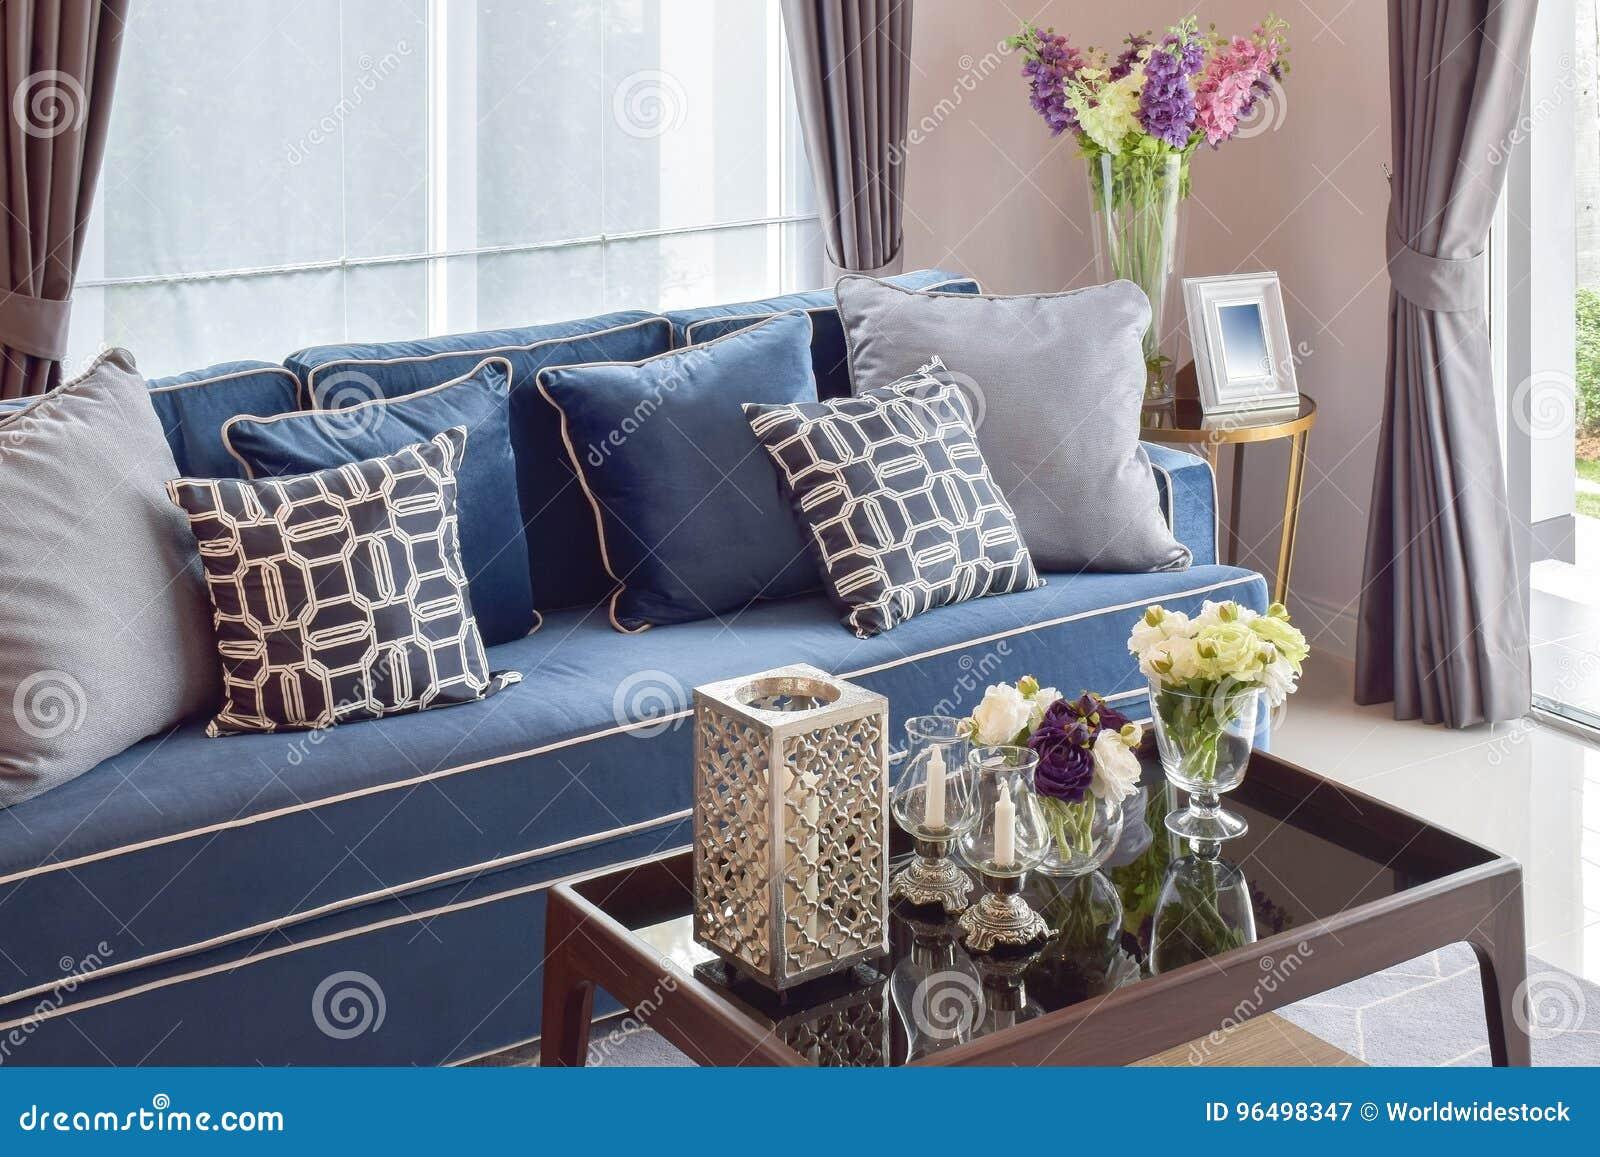 Download Romantische Kerze Stellte Mit Beige Und Blauem Modernem  Klassischem Sofa Im Wohnzimmer Ein Stockbild